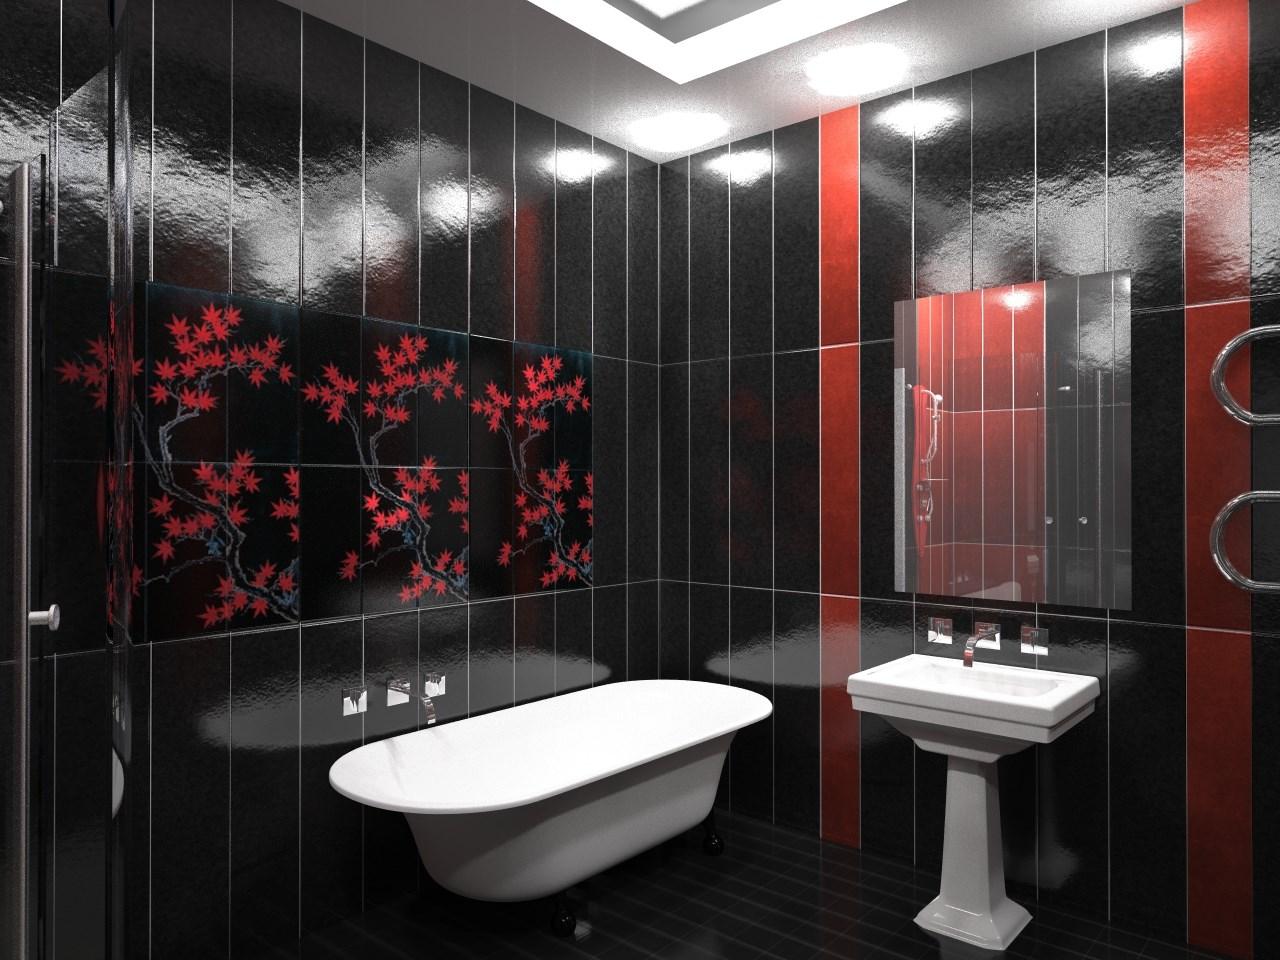 Фото ремонт в ванной комнате пластиковыми панелями